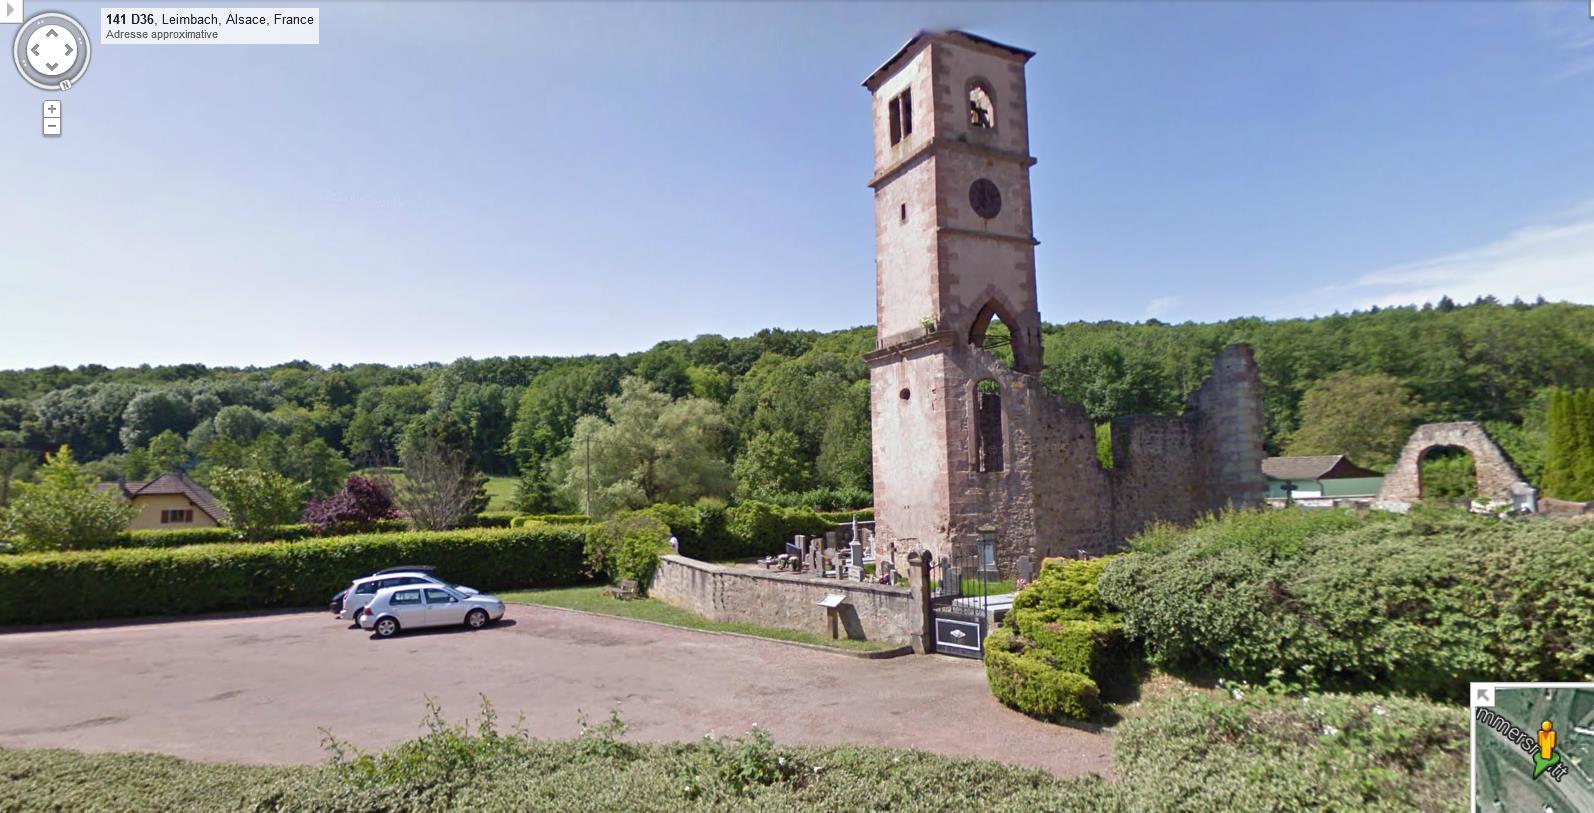 Ruines d'édifices religieux - Page 7 361817LeimbachStBlaise